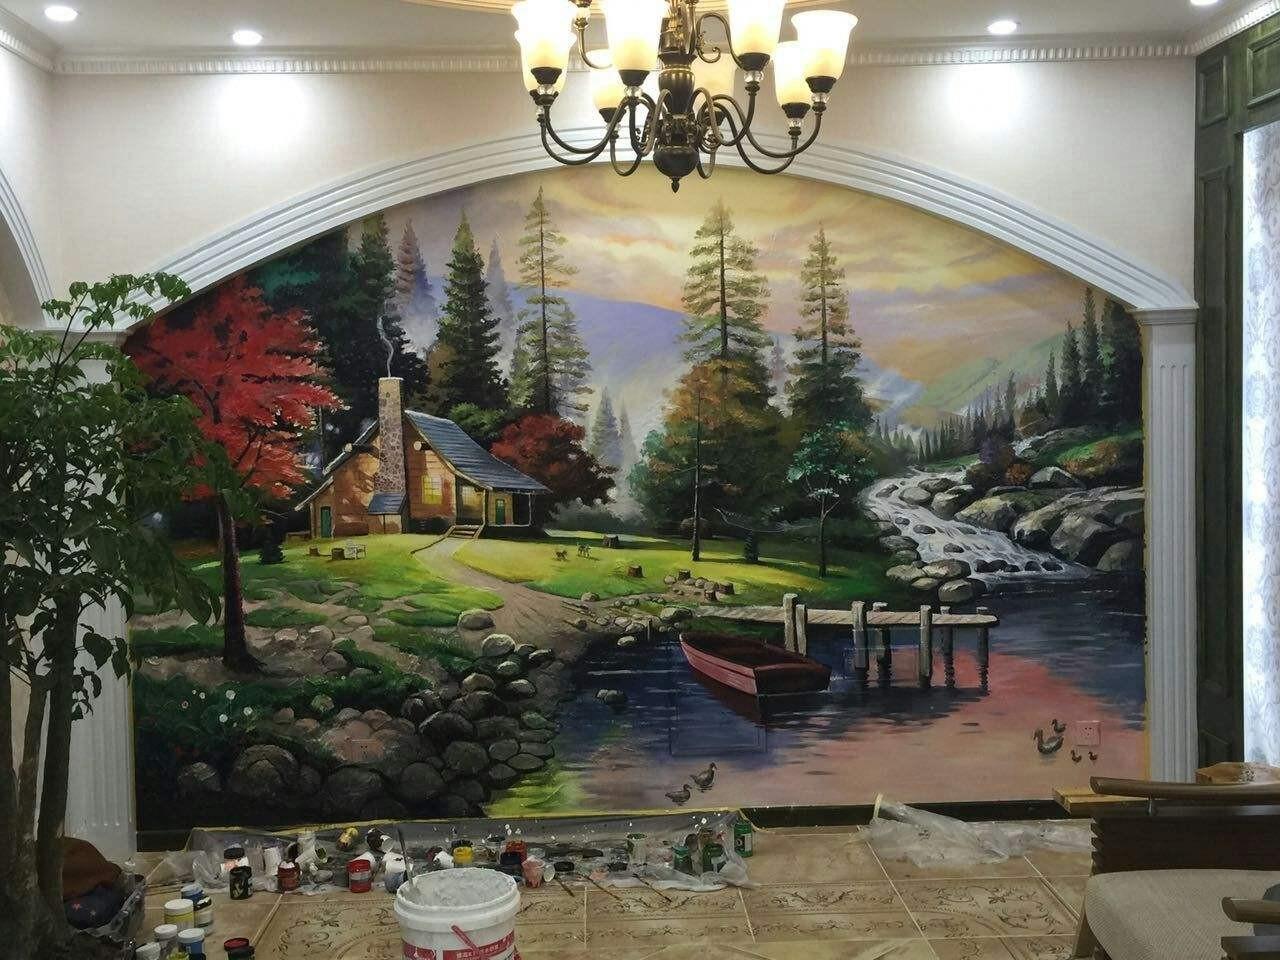 南昌幼儿园手绘墙,南昌古建彩绘,南昌幼儿园手绘墙画